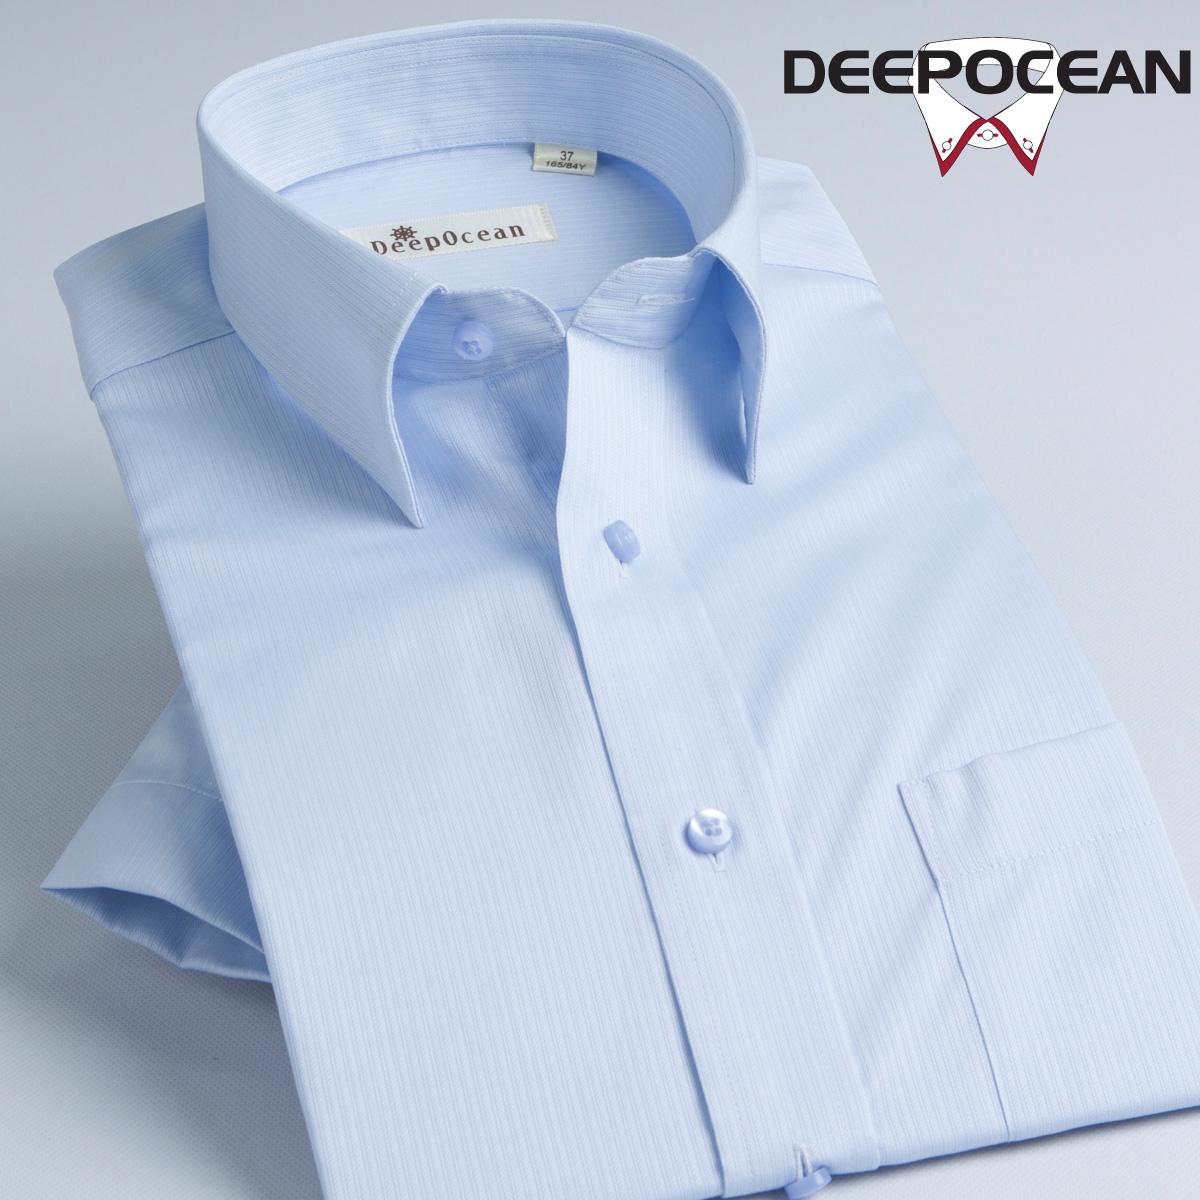 夏季纯棉免烫男士衬衫男短袖衬衣蓝色工作上班宽松正装商务休闲寸